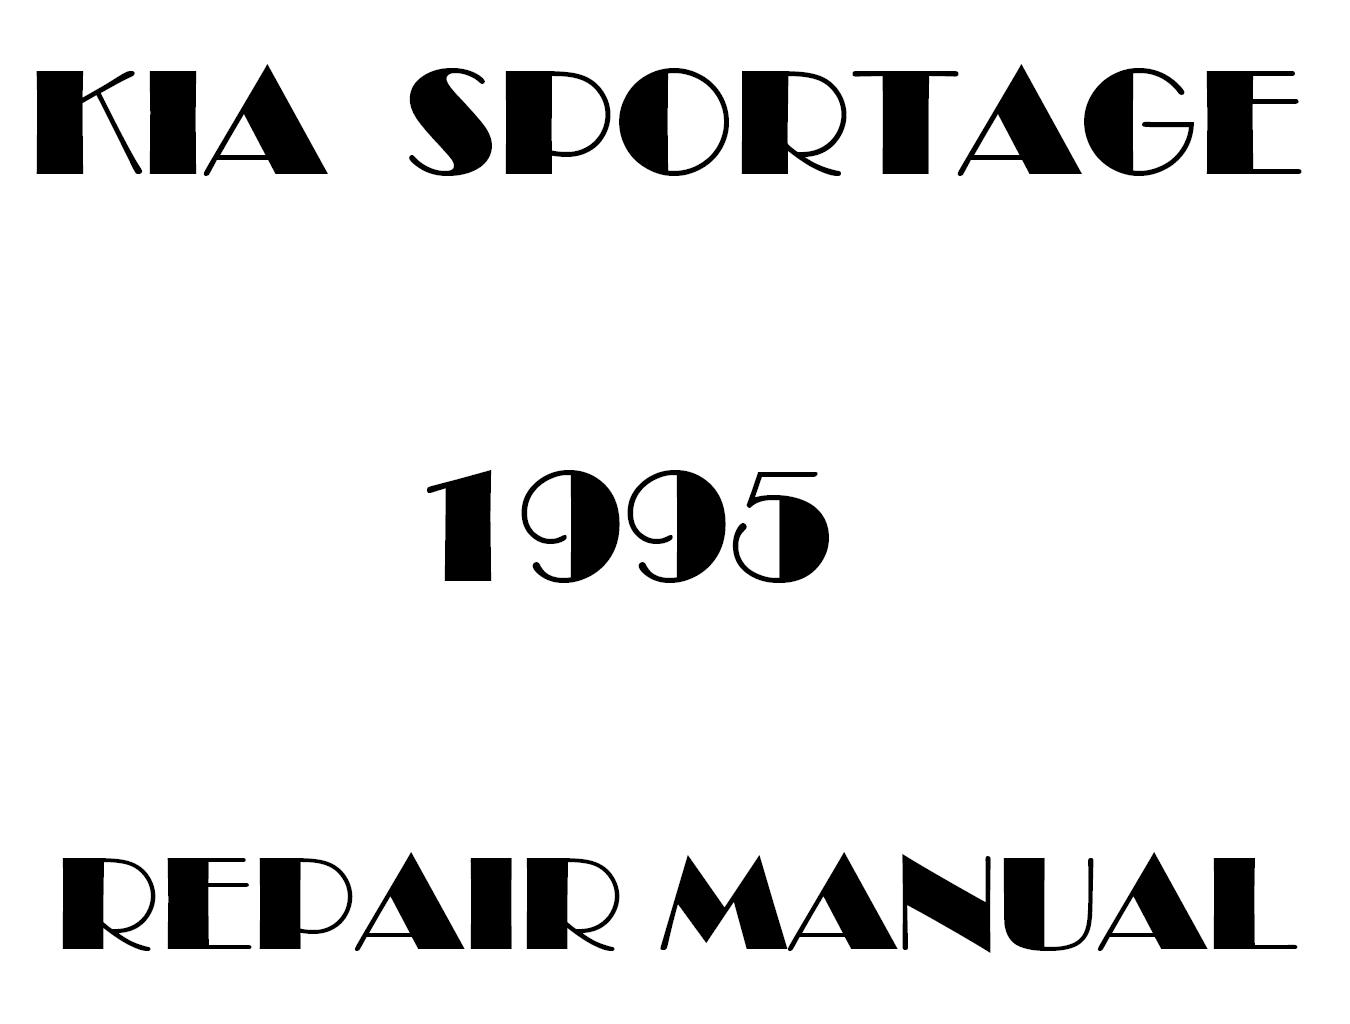 1995 Kia Sportage repair manual